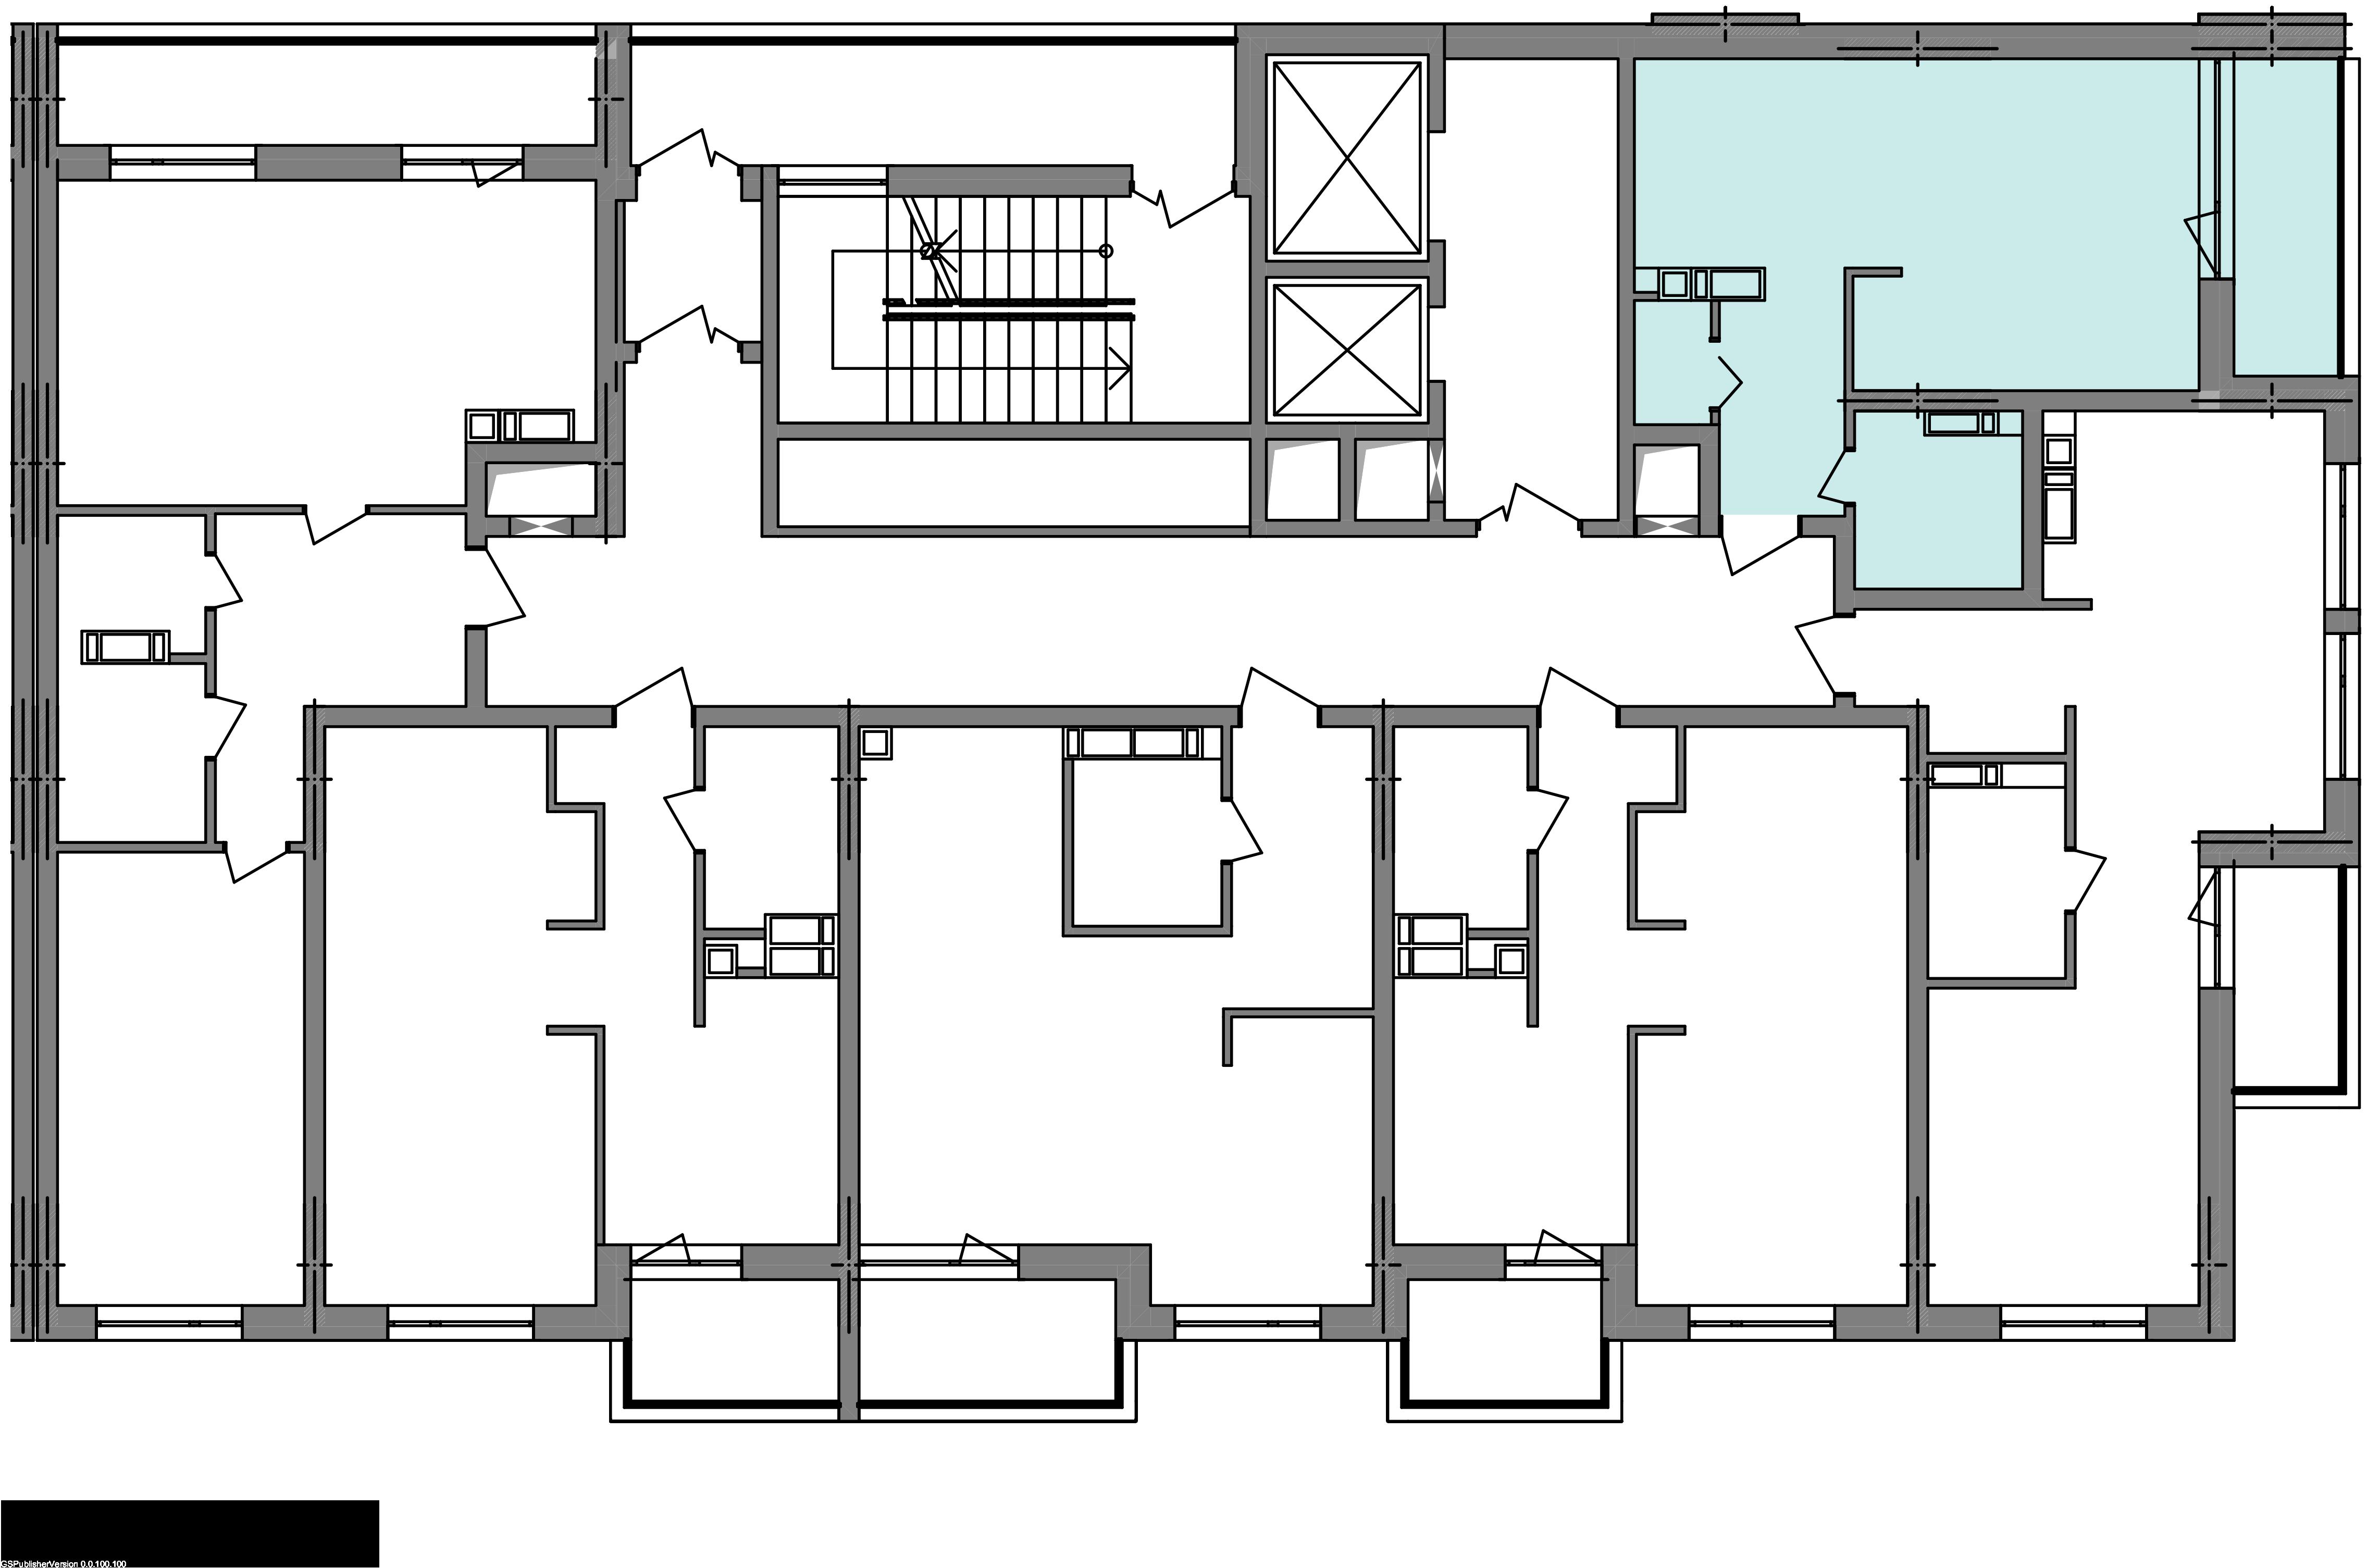 Однокомнатная квартира 35,47 кв.м., тип 1.6, дом 3 секция 3 расположение на этаже